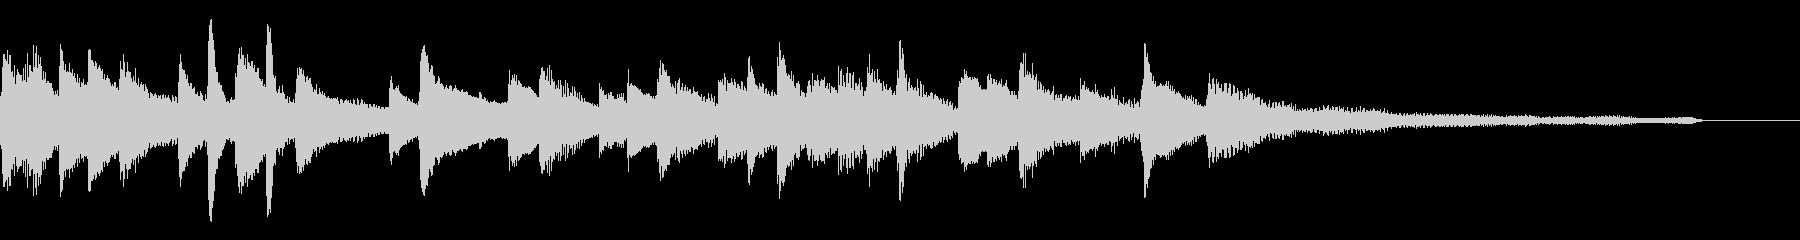 しっとりモダン和風ジングル36-ピアノの未再生の波形